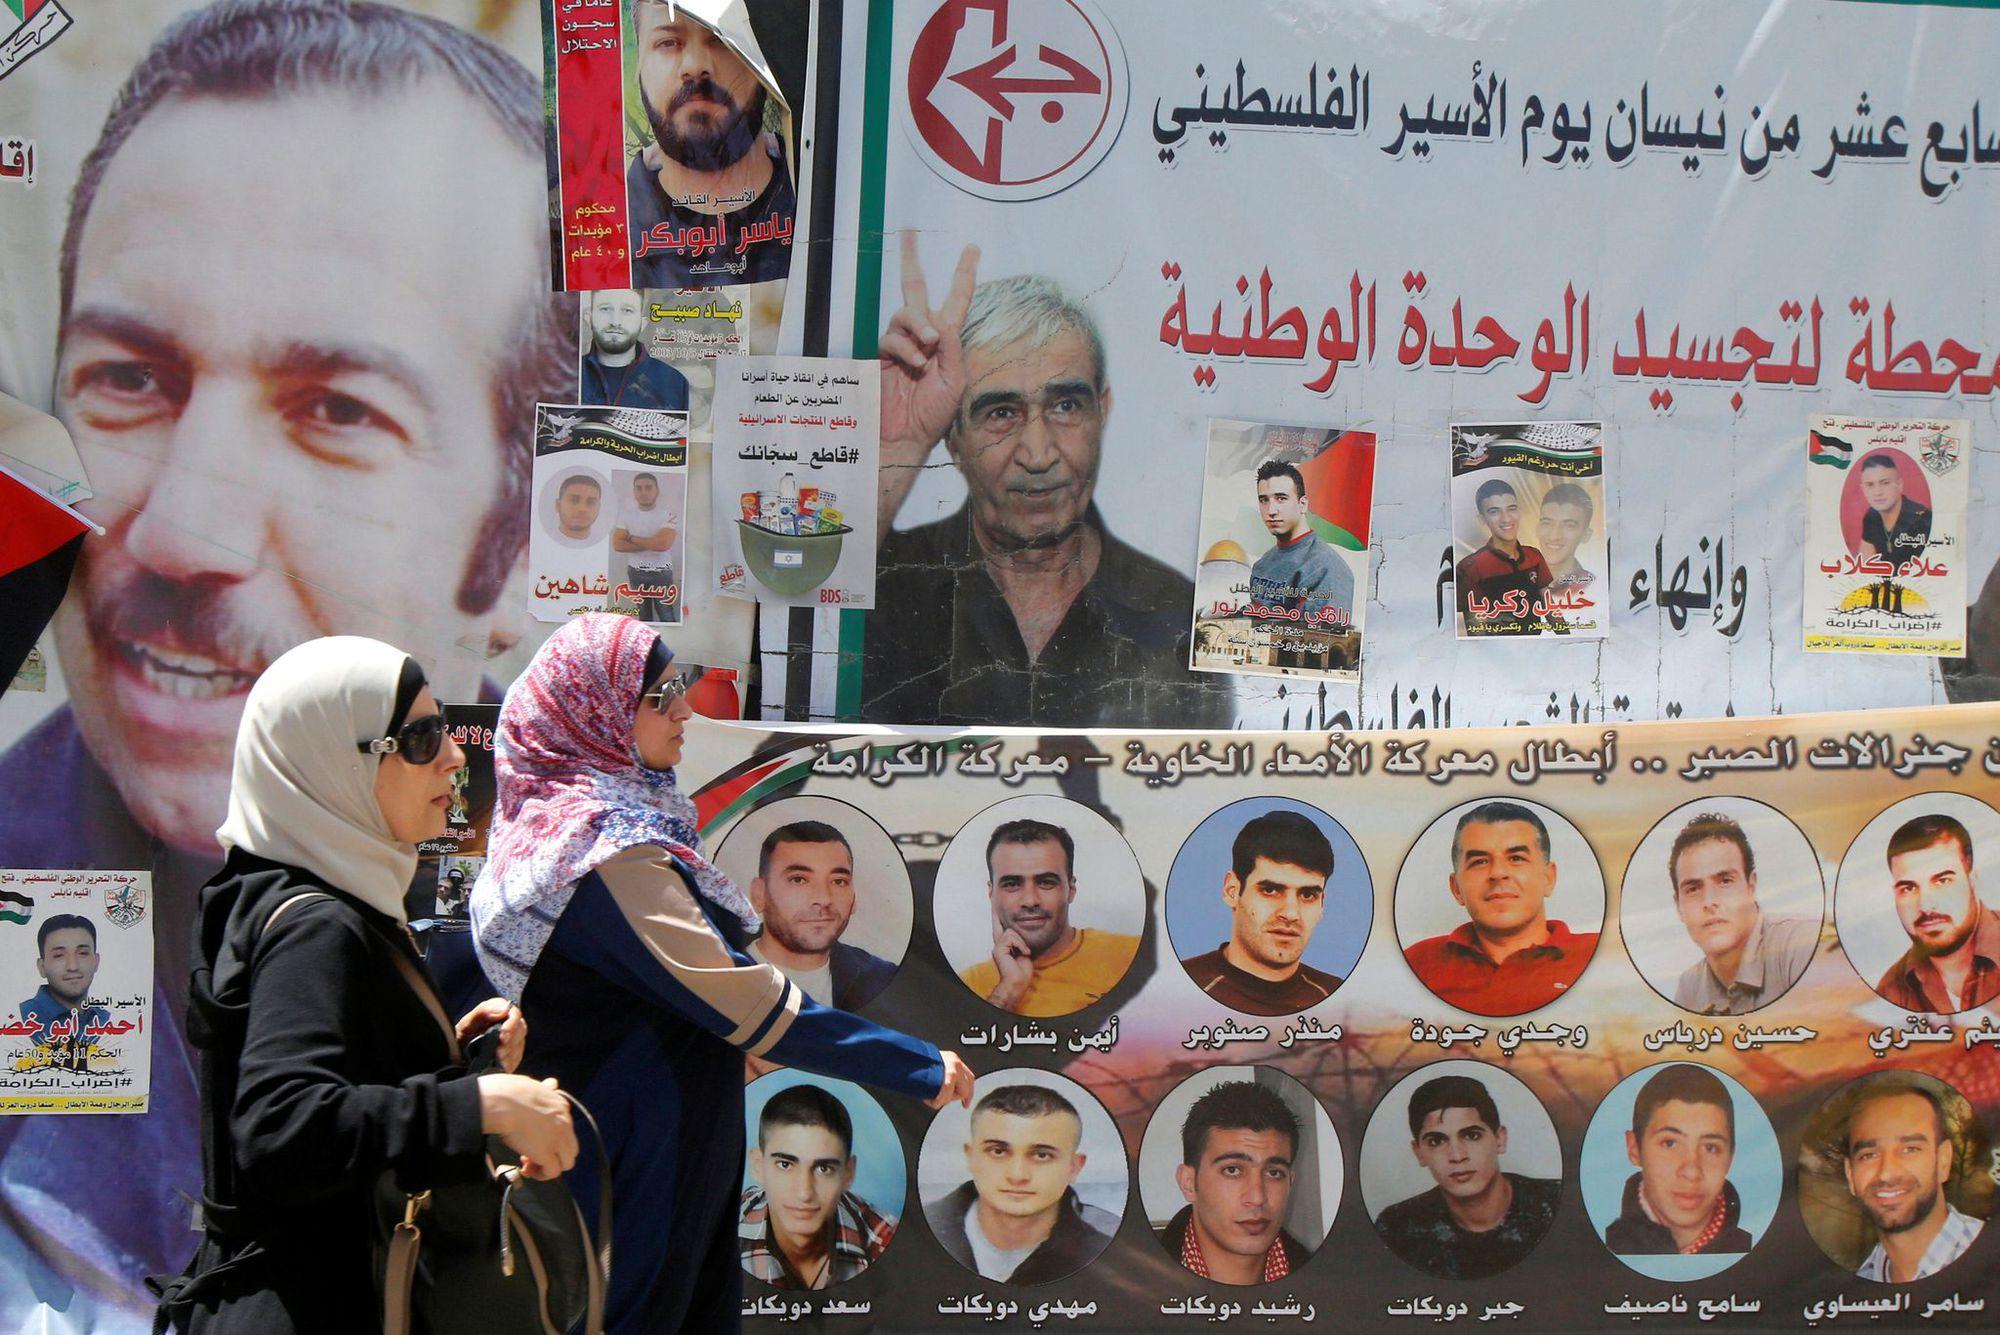 Des photos des grévistes de la faim à Naplouse, Cisjordanie, le 9 mai 2017